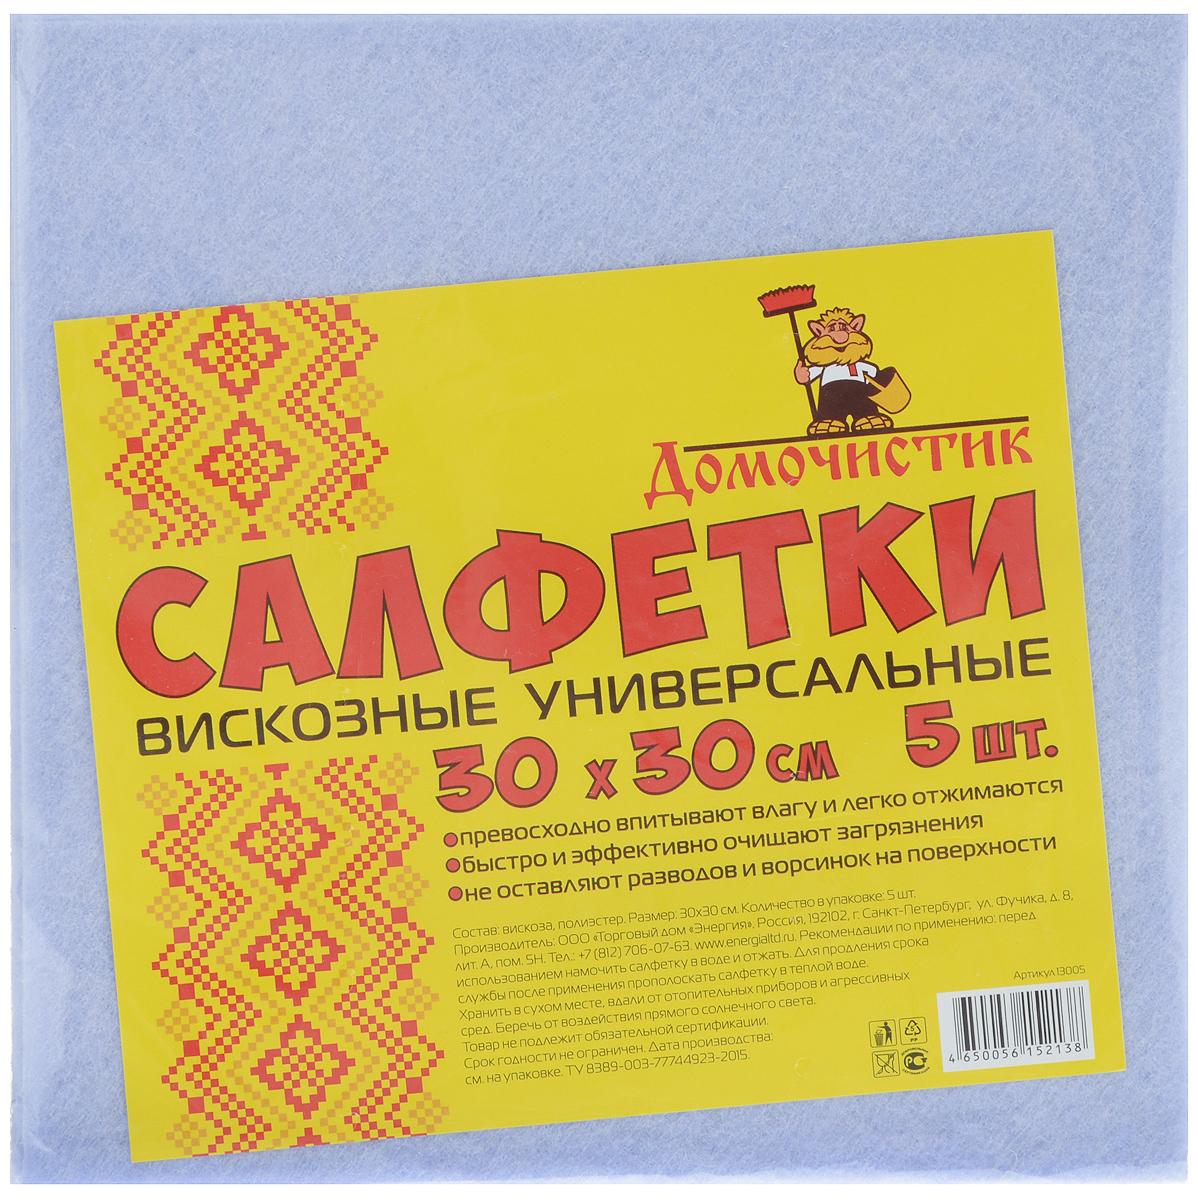 """Салфетка для уборки """"Домочистик"""", универсальная, цвет: сиреневый, 30 x 30 см, 5 шт"""